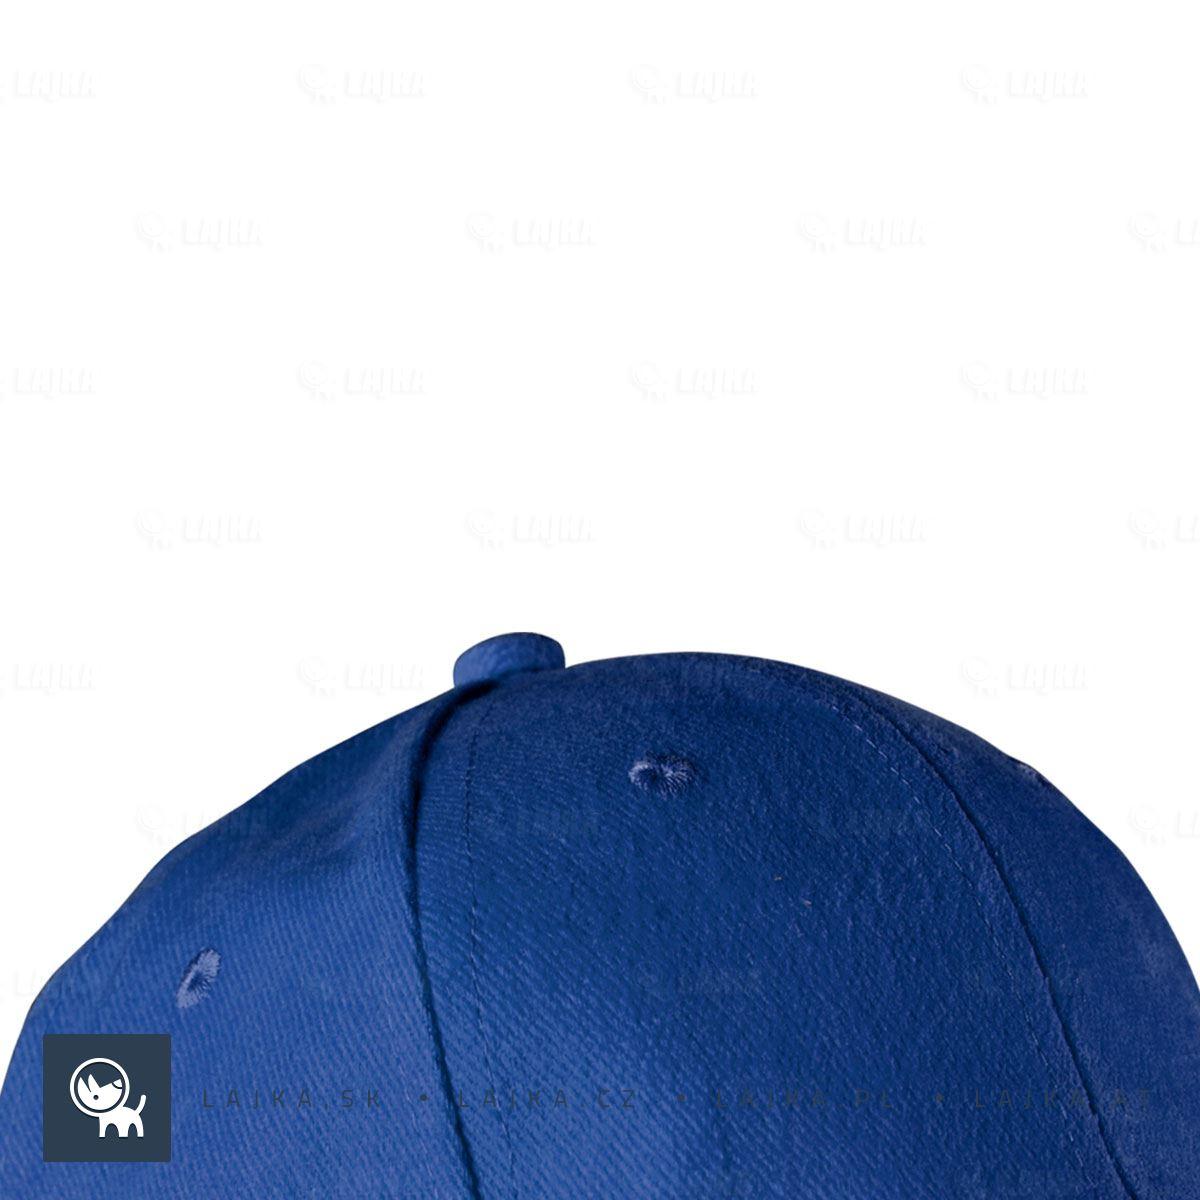 1d276cba6 Šiltovka detská 6P Alex Fox, kráľovská modrá   Reklamné Predmety